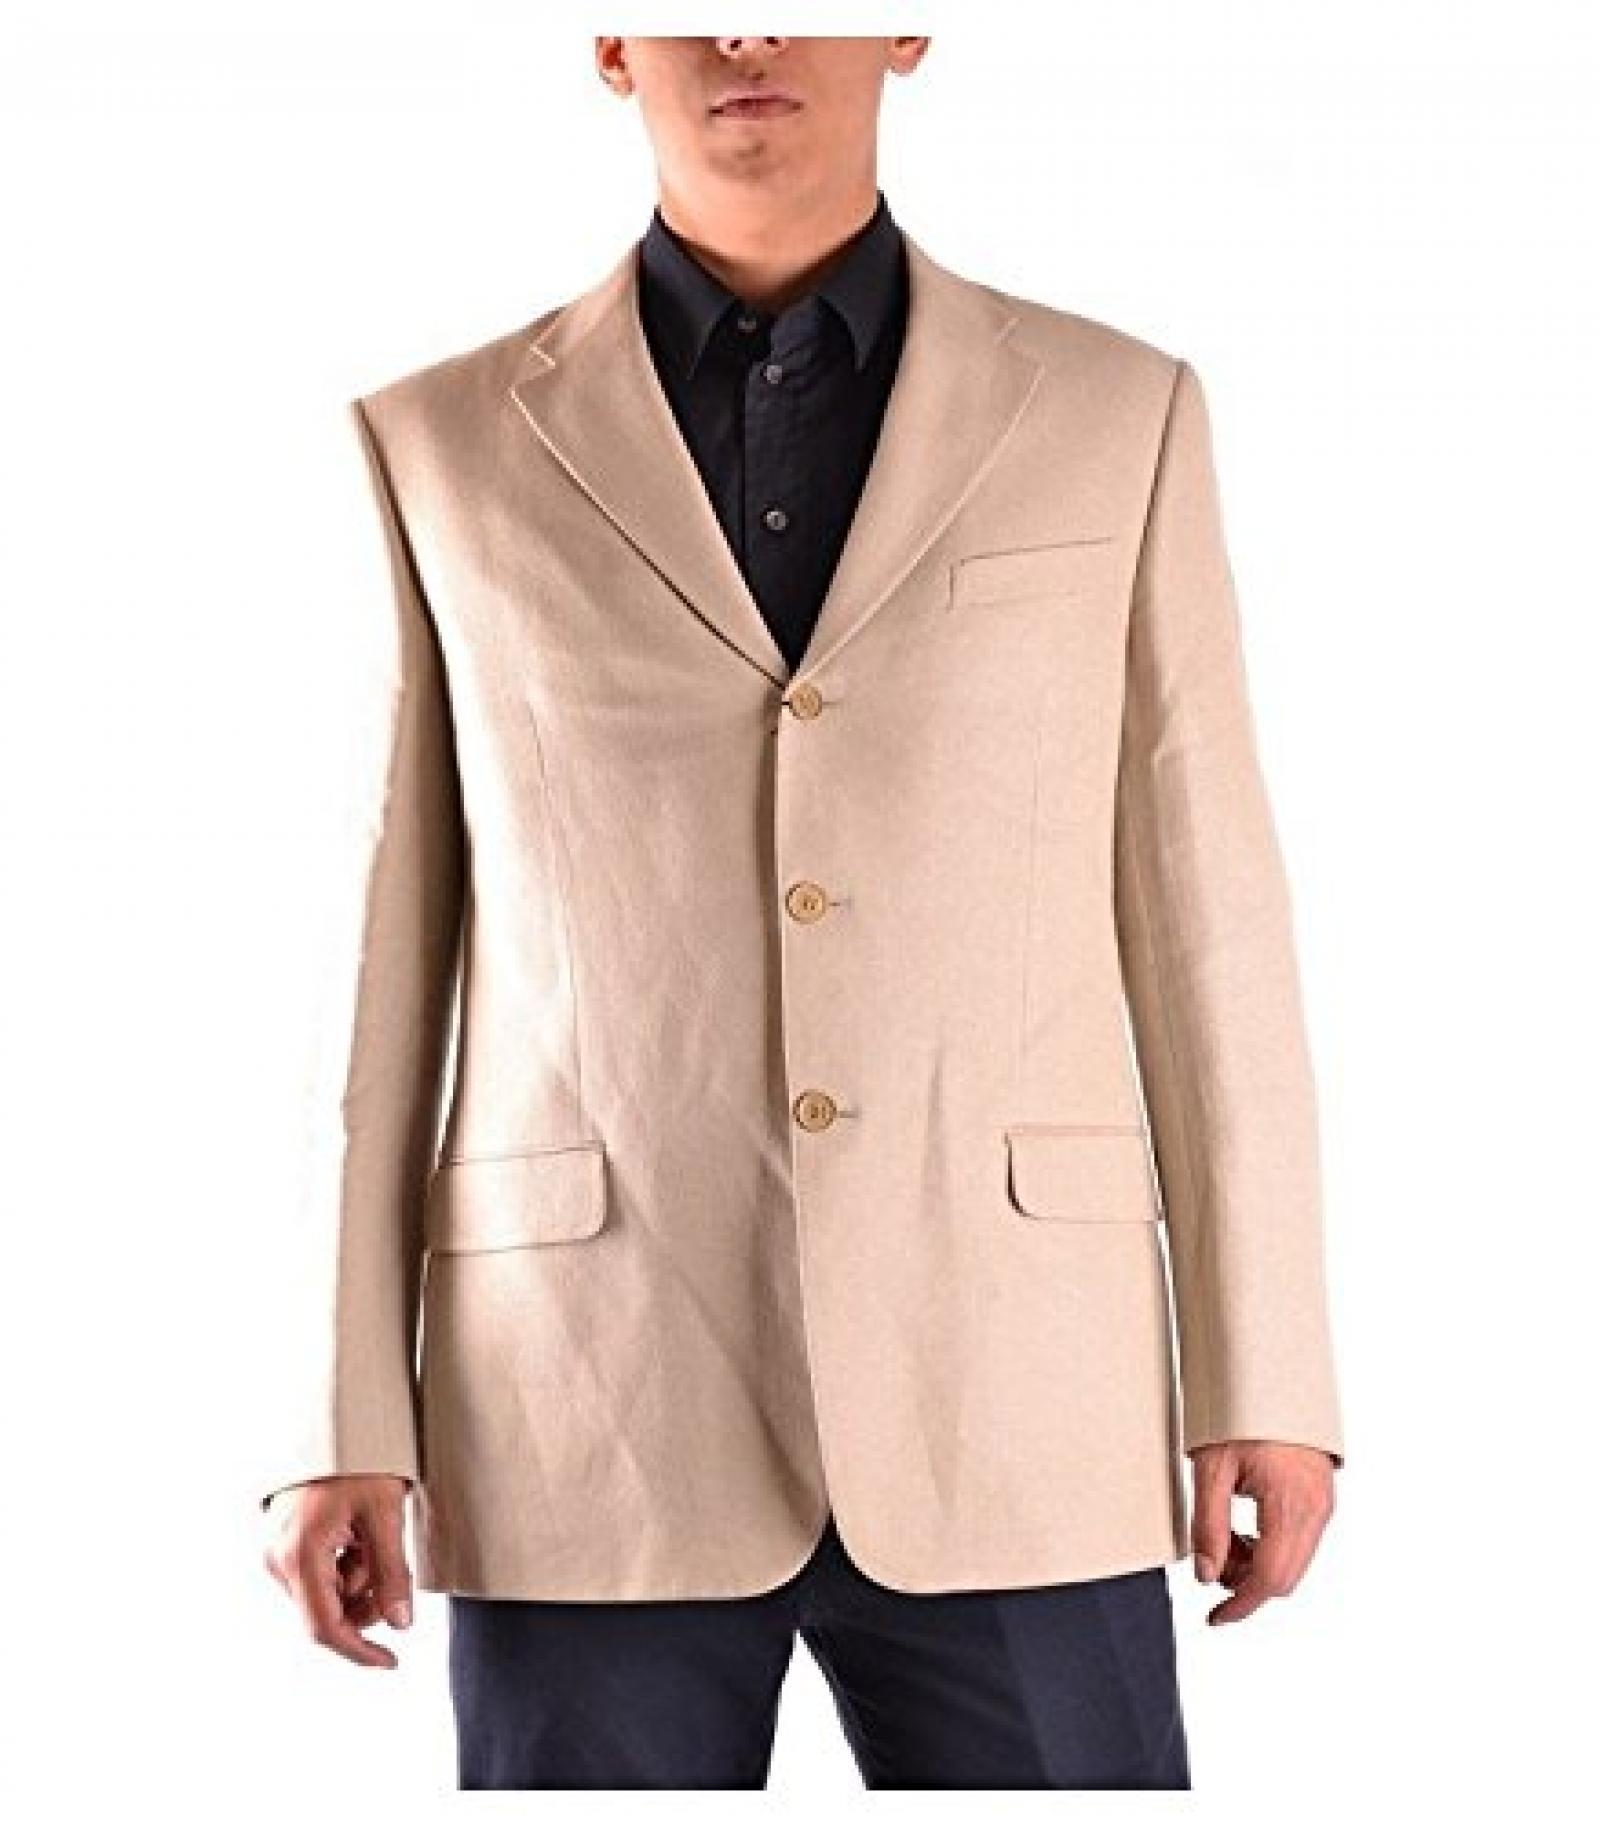 Valentino jacket ancv083 52 Beige